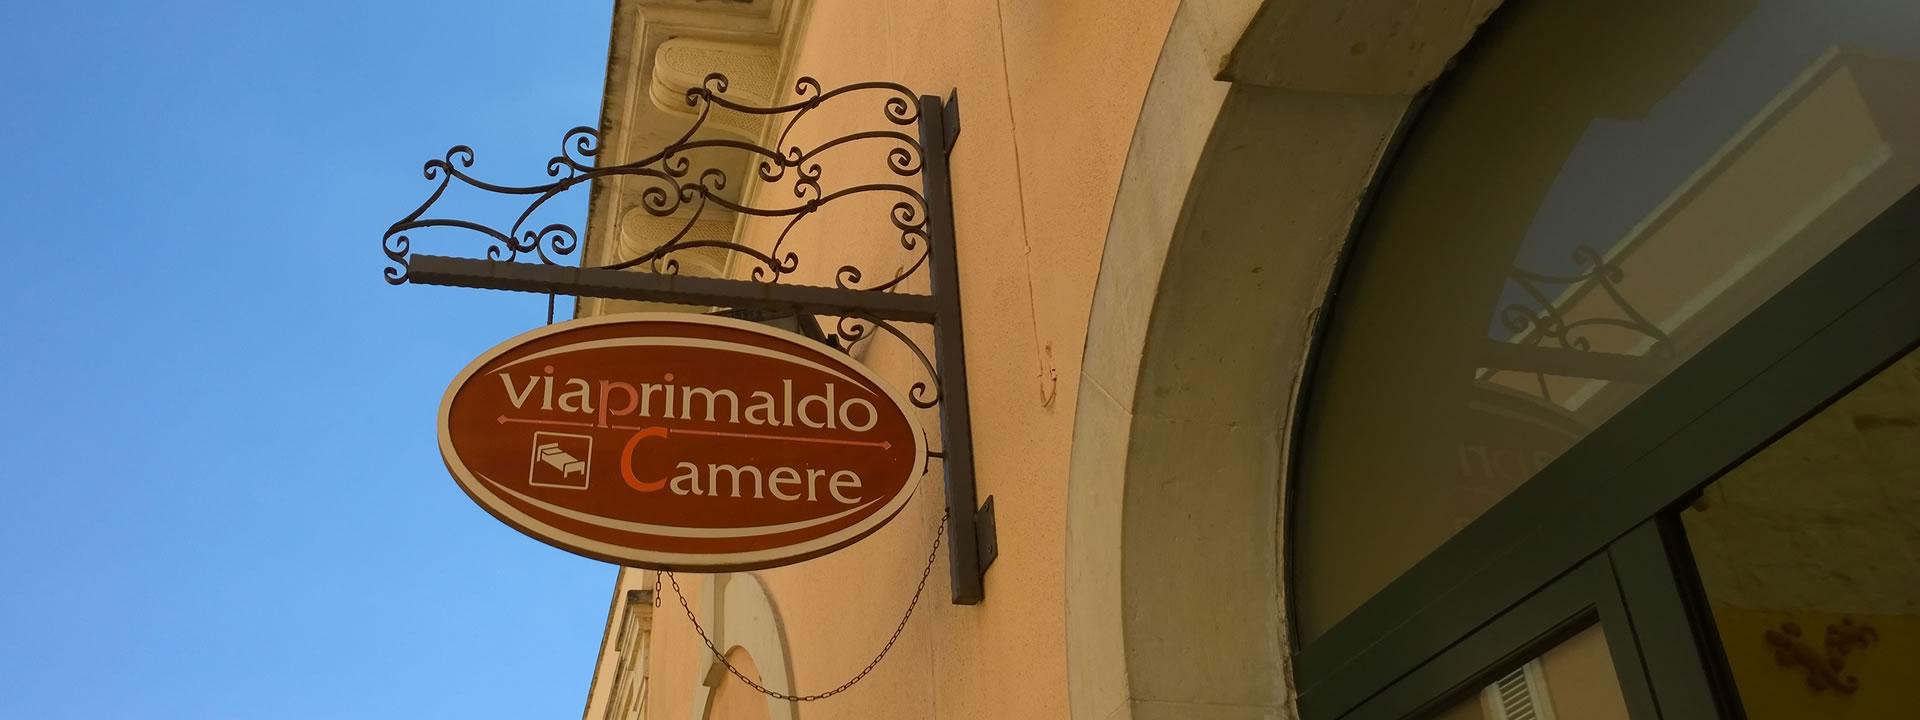 ViaPrimaldo Camere